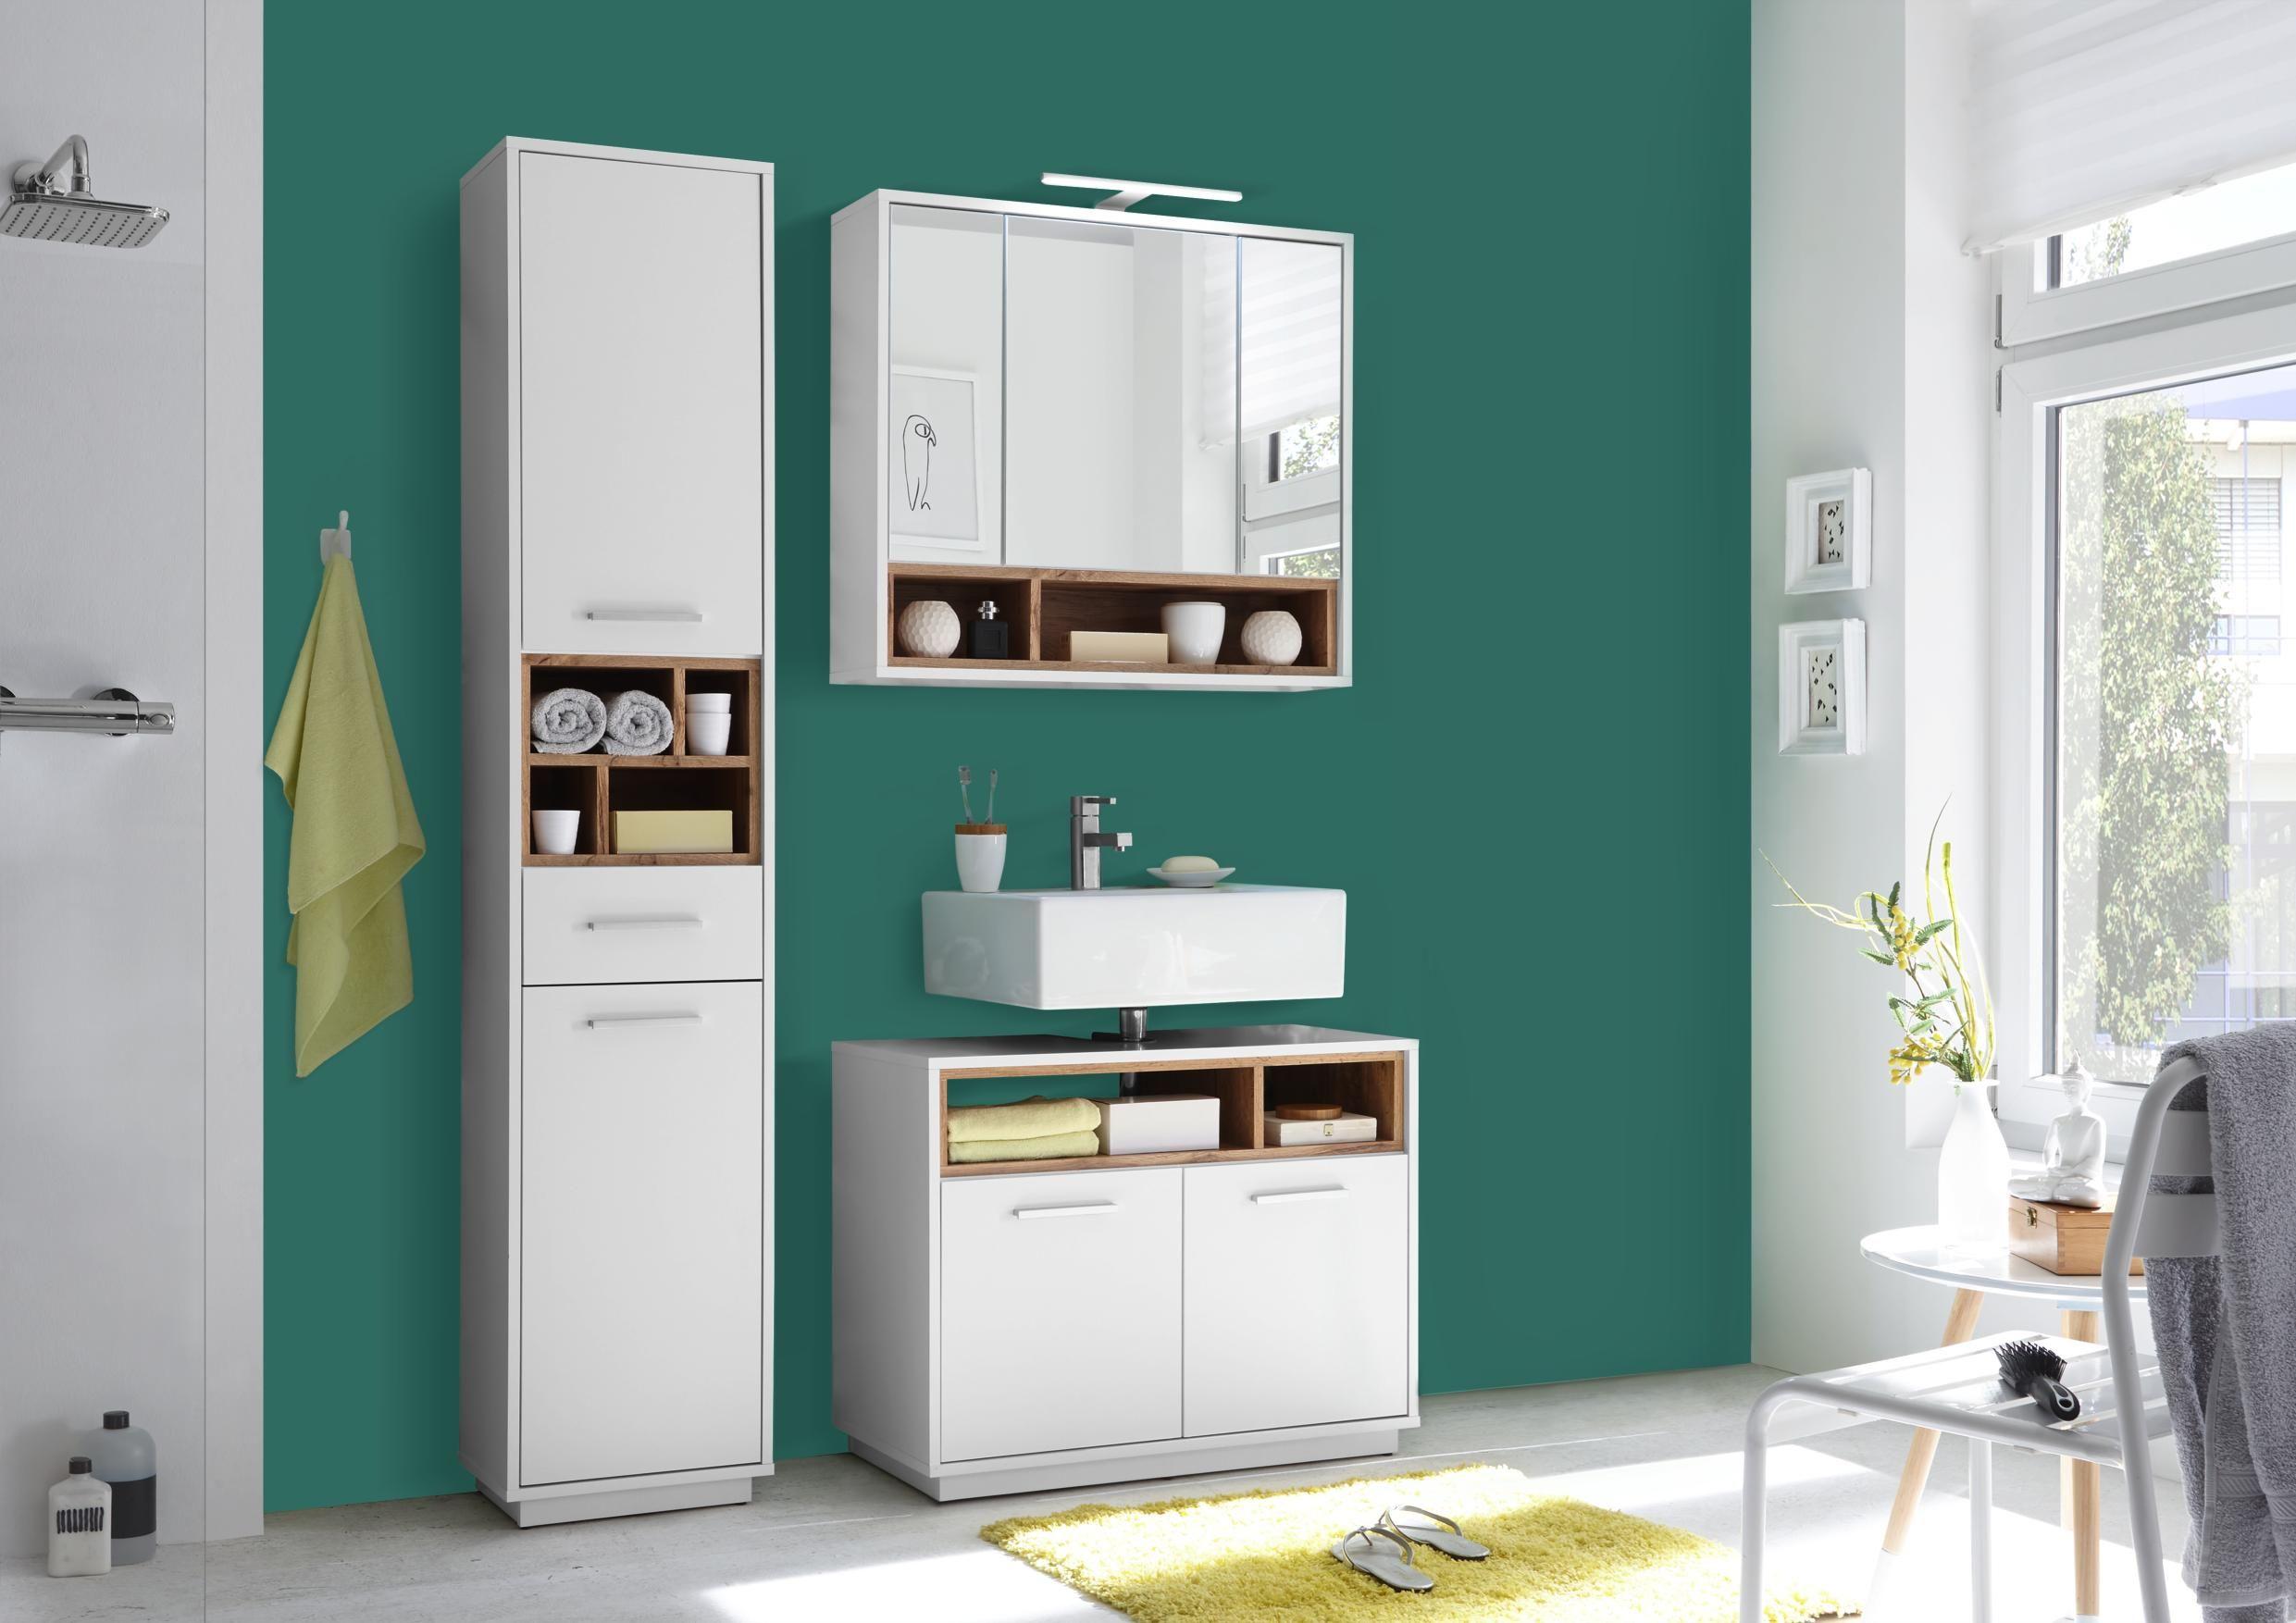 Badezimmer badezimmer bathroom und vanity for Badezimmerausstattung einrichten